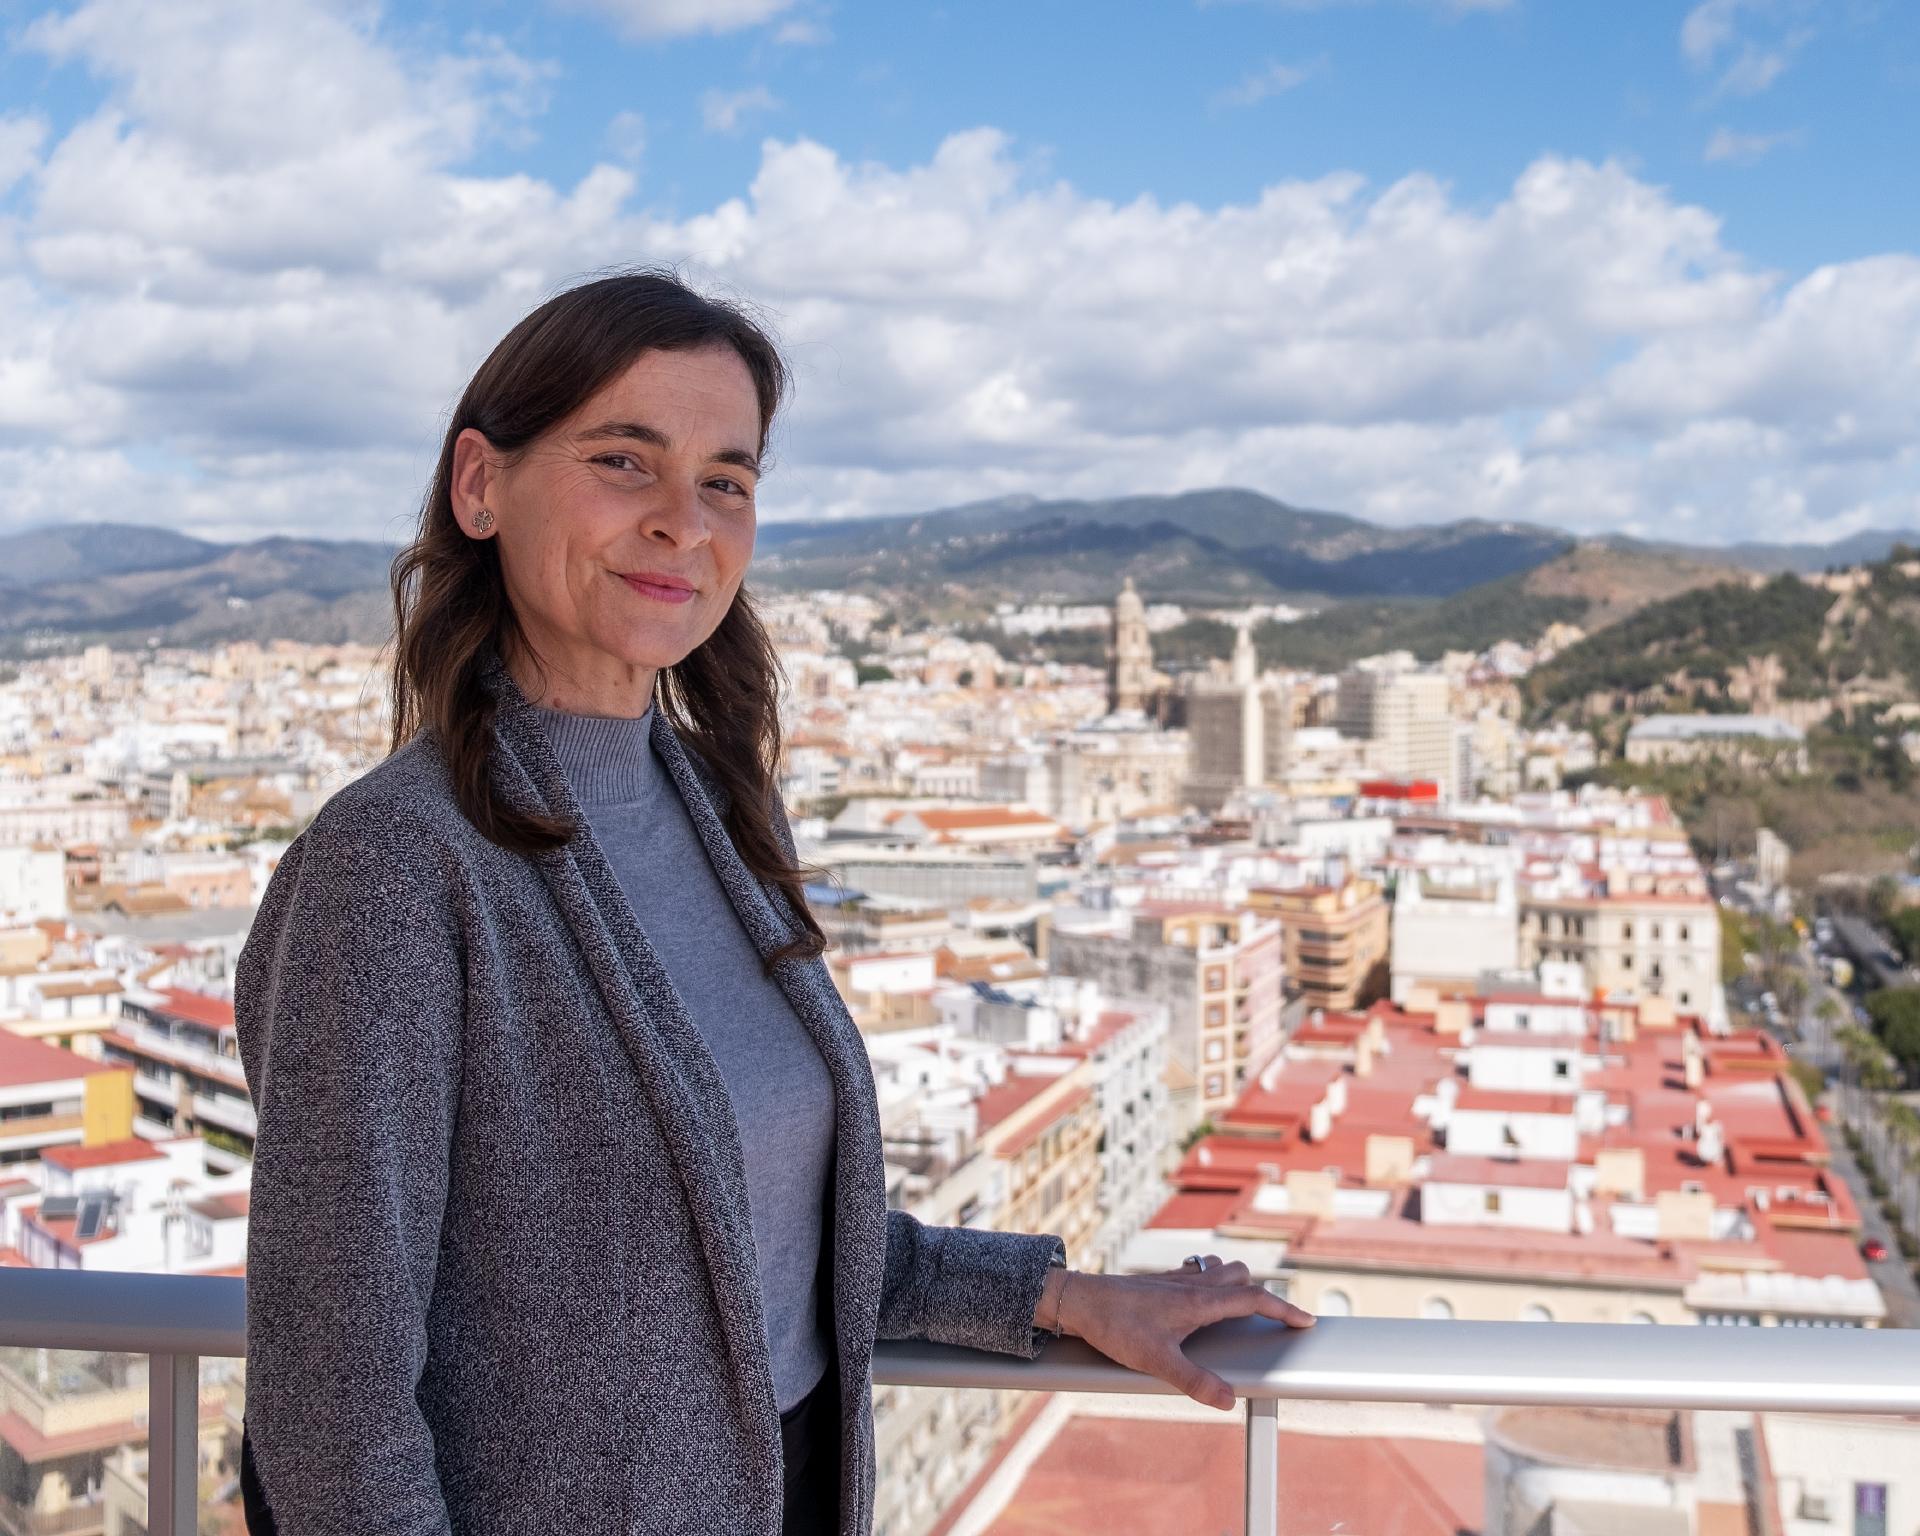 Foto de María Isabel Moral Sepúlveda en la terraza del despacho